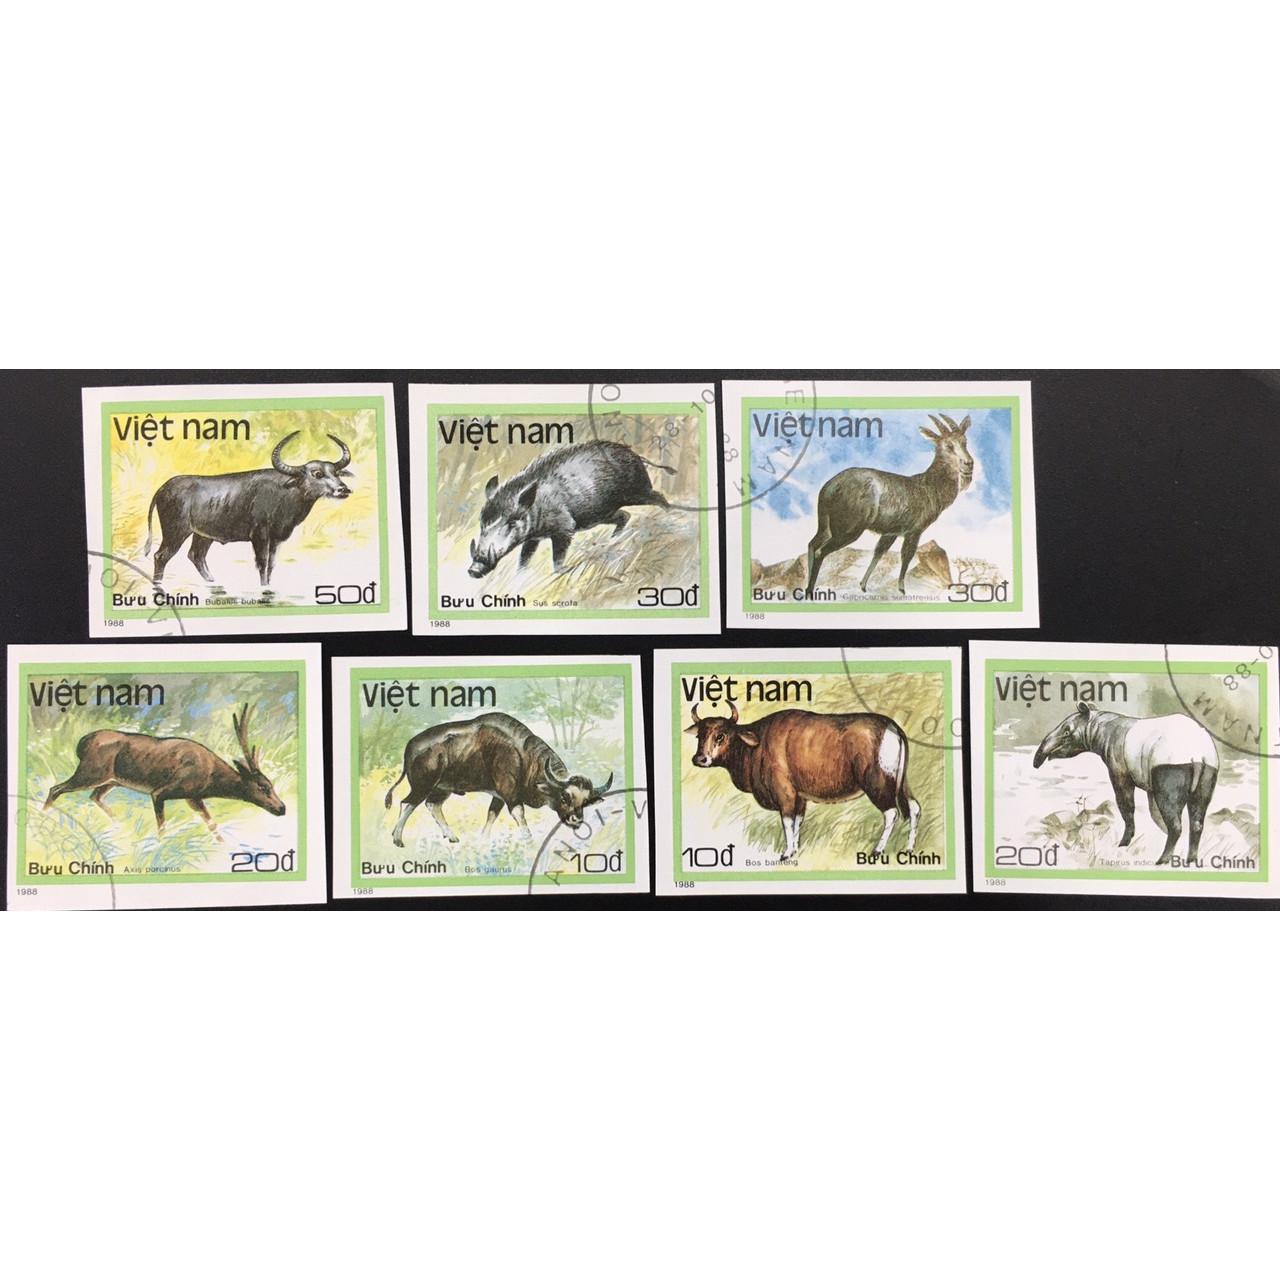 Bộ Tem Sưu Tầm Việt Nam 1988 Không Răng Chủ Đề Động Vật Hoang Dã - 7 Con Stamps